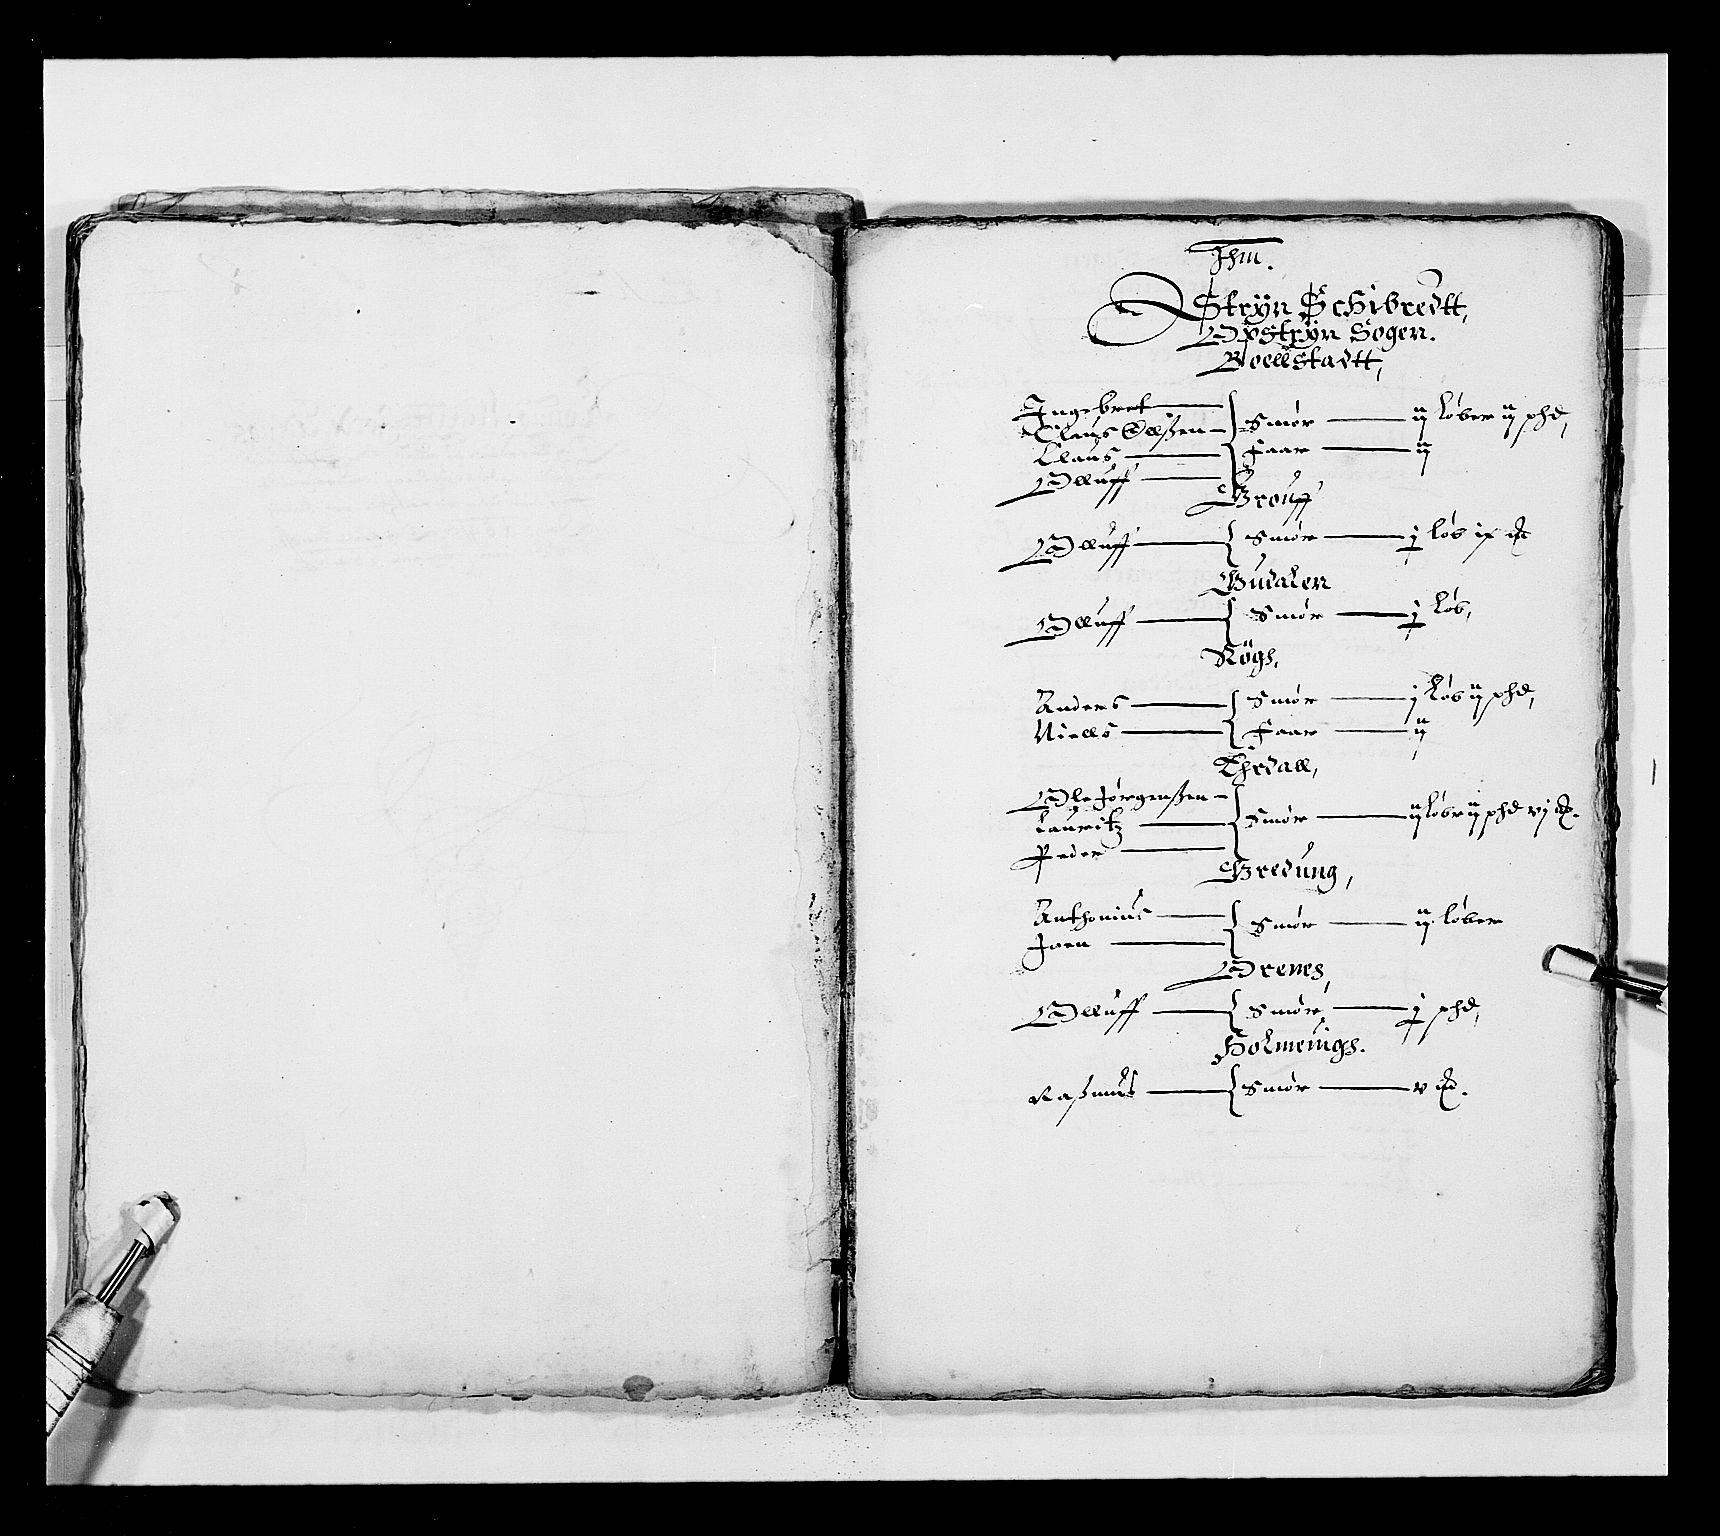 RA, Stattholderembetet 1572-1771, Ek/L0025: Jordebøker 1633-1658:, 1645-1646, s. 183